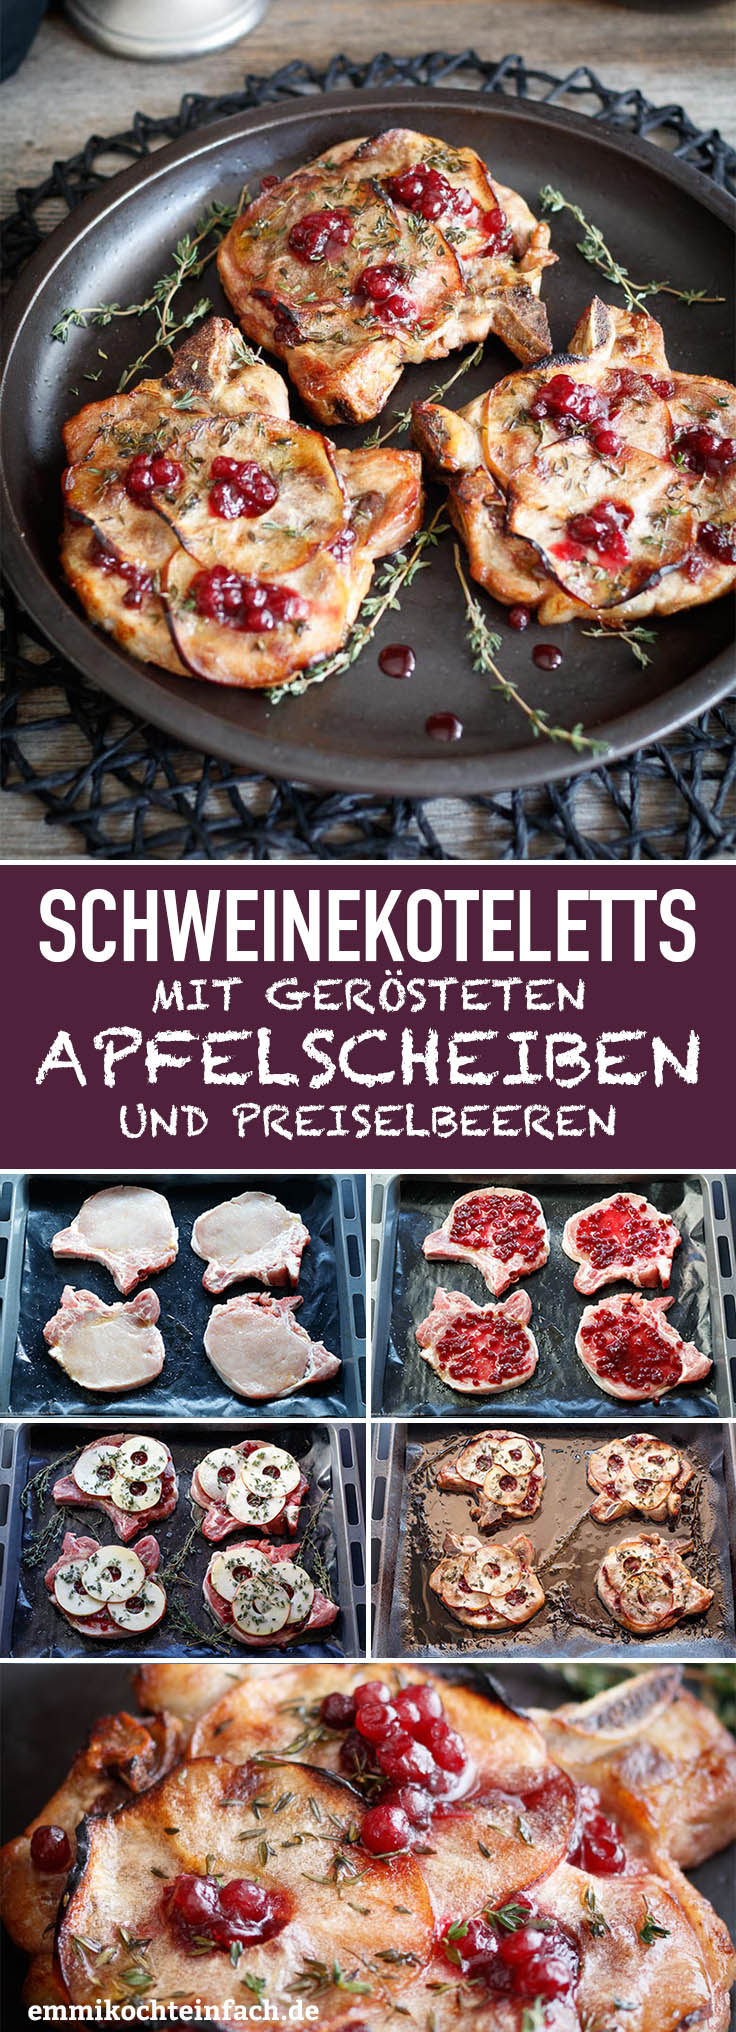 Schnelle Koteletts vom Schwein mit Apfelscheiben - www.emmikochteinfach.de